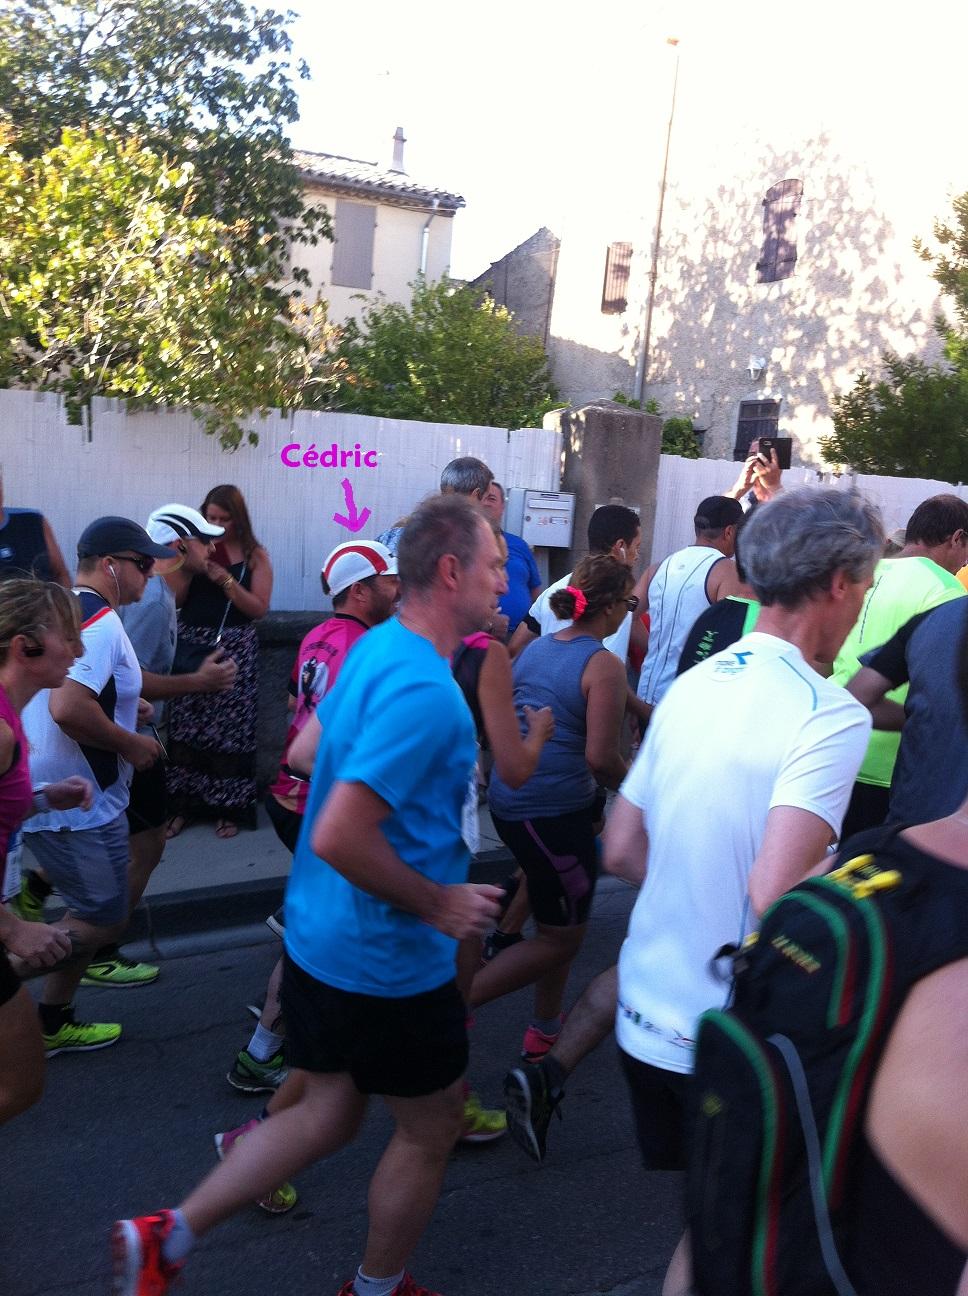 5-'Marathon man' Cédric aussi..